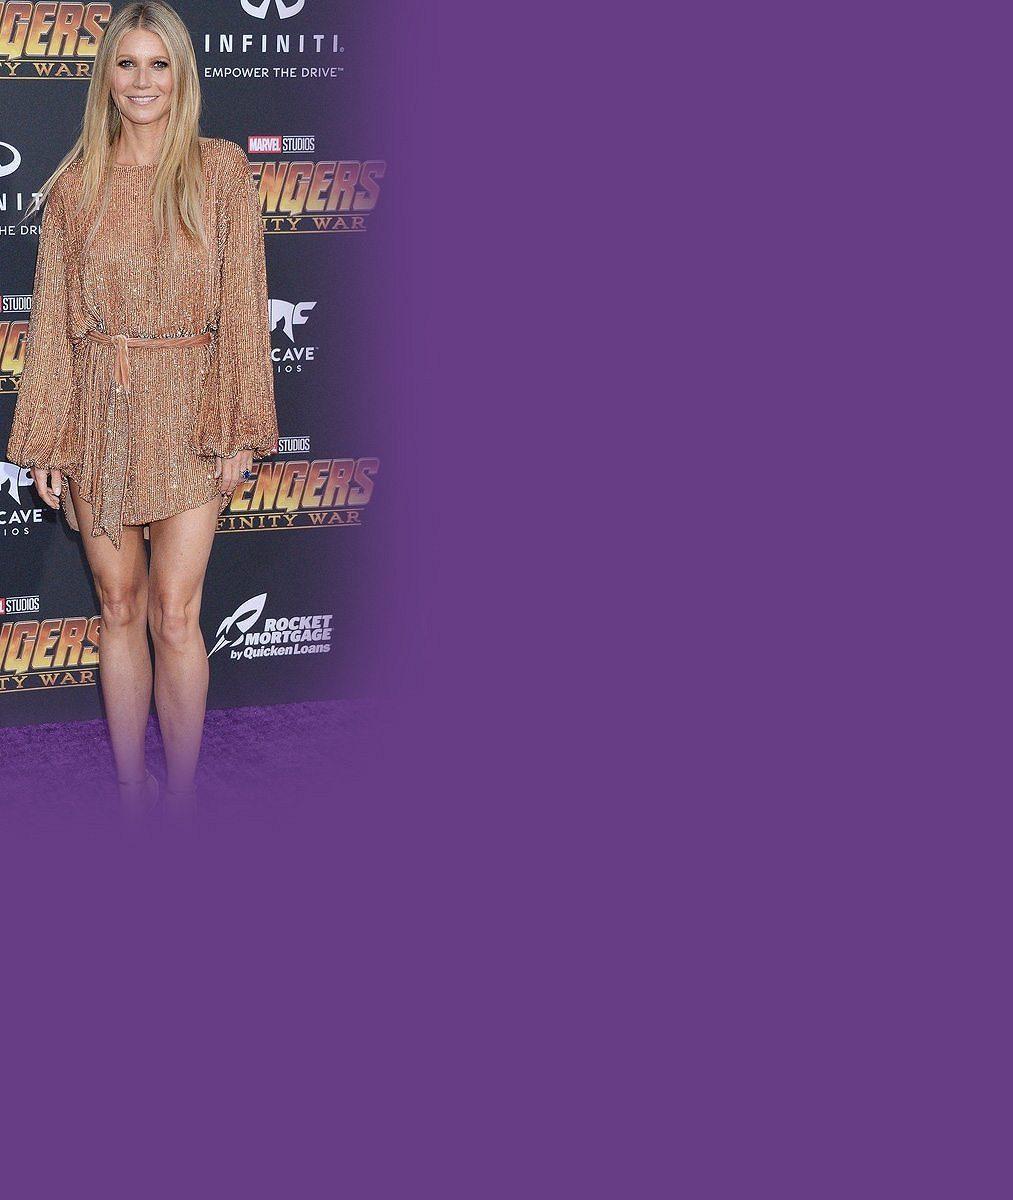 Po údajné svatbě září štěstím: Gwyneth Paltrow (45) ukázala sexy nožky v minišatech